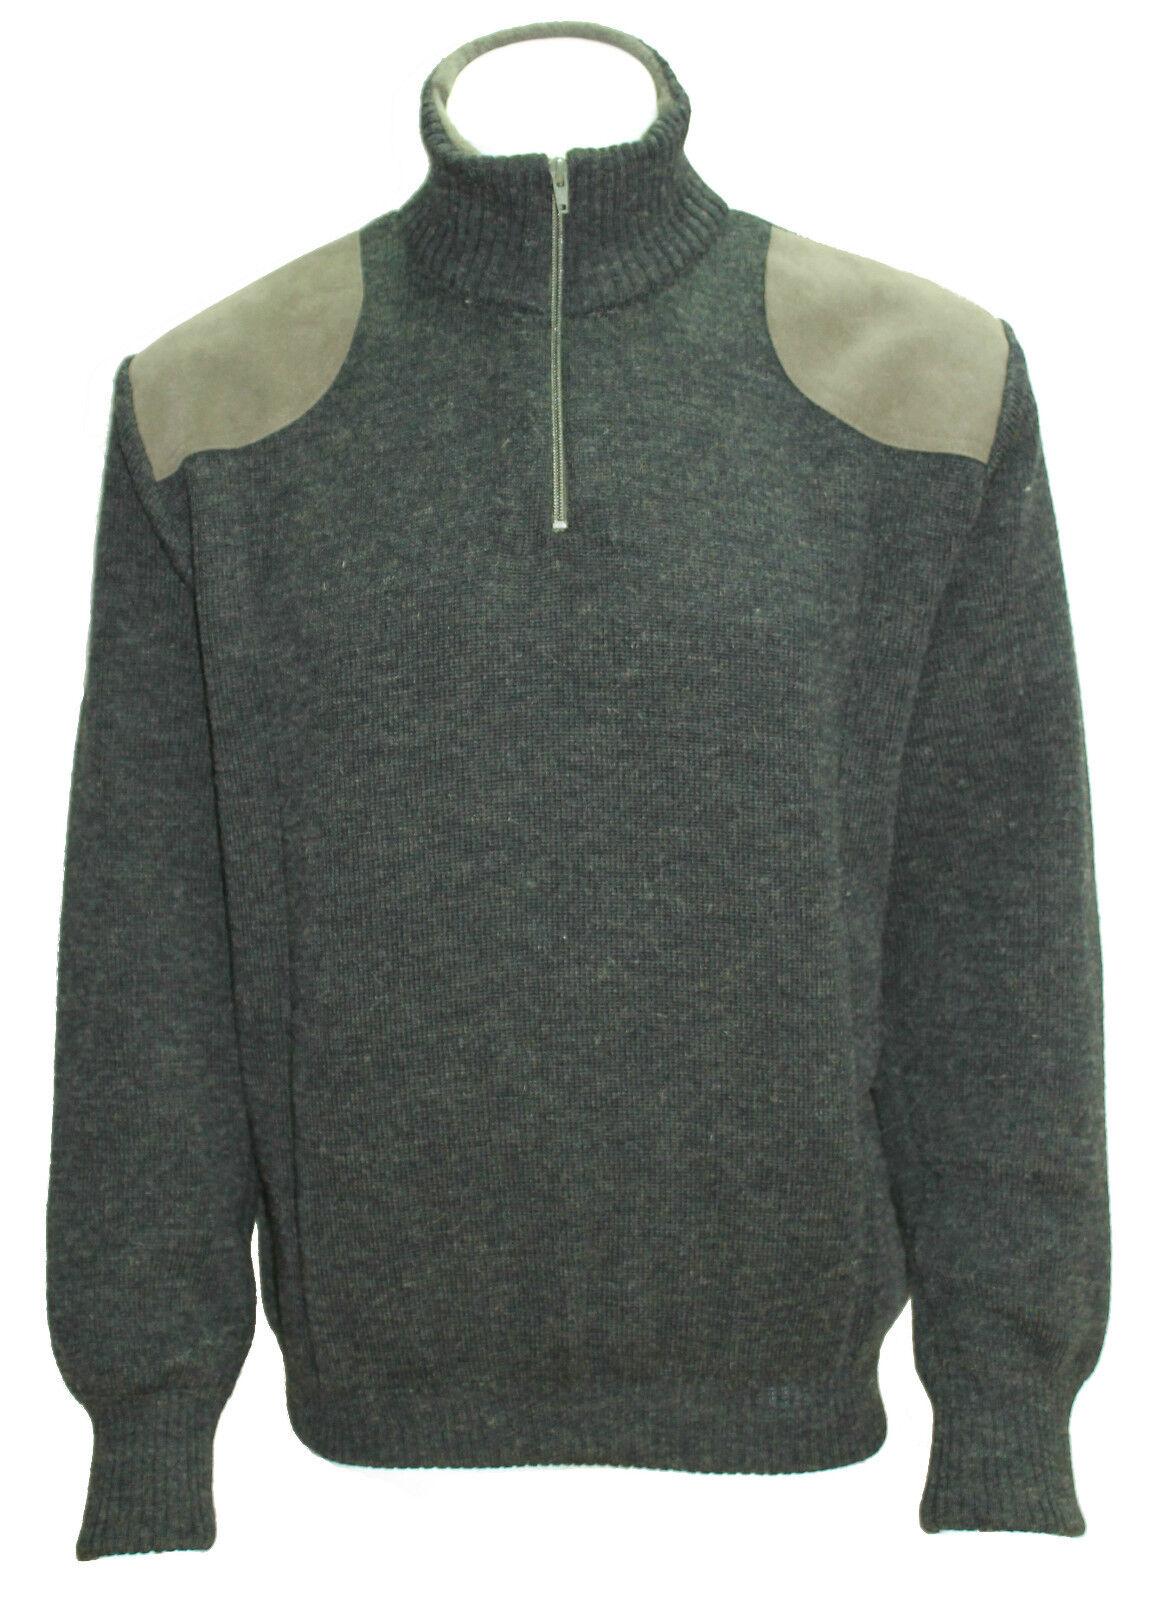 100% Wool, Zip Roll Collar Country Jumper, fleece lined collar & cuffs,